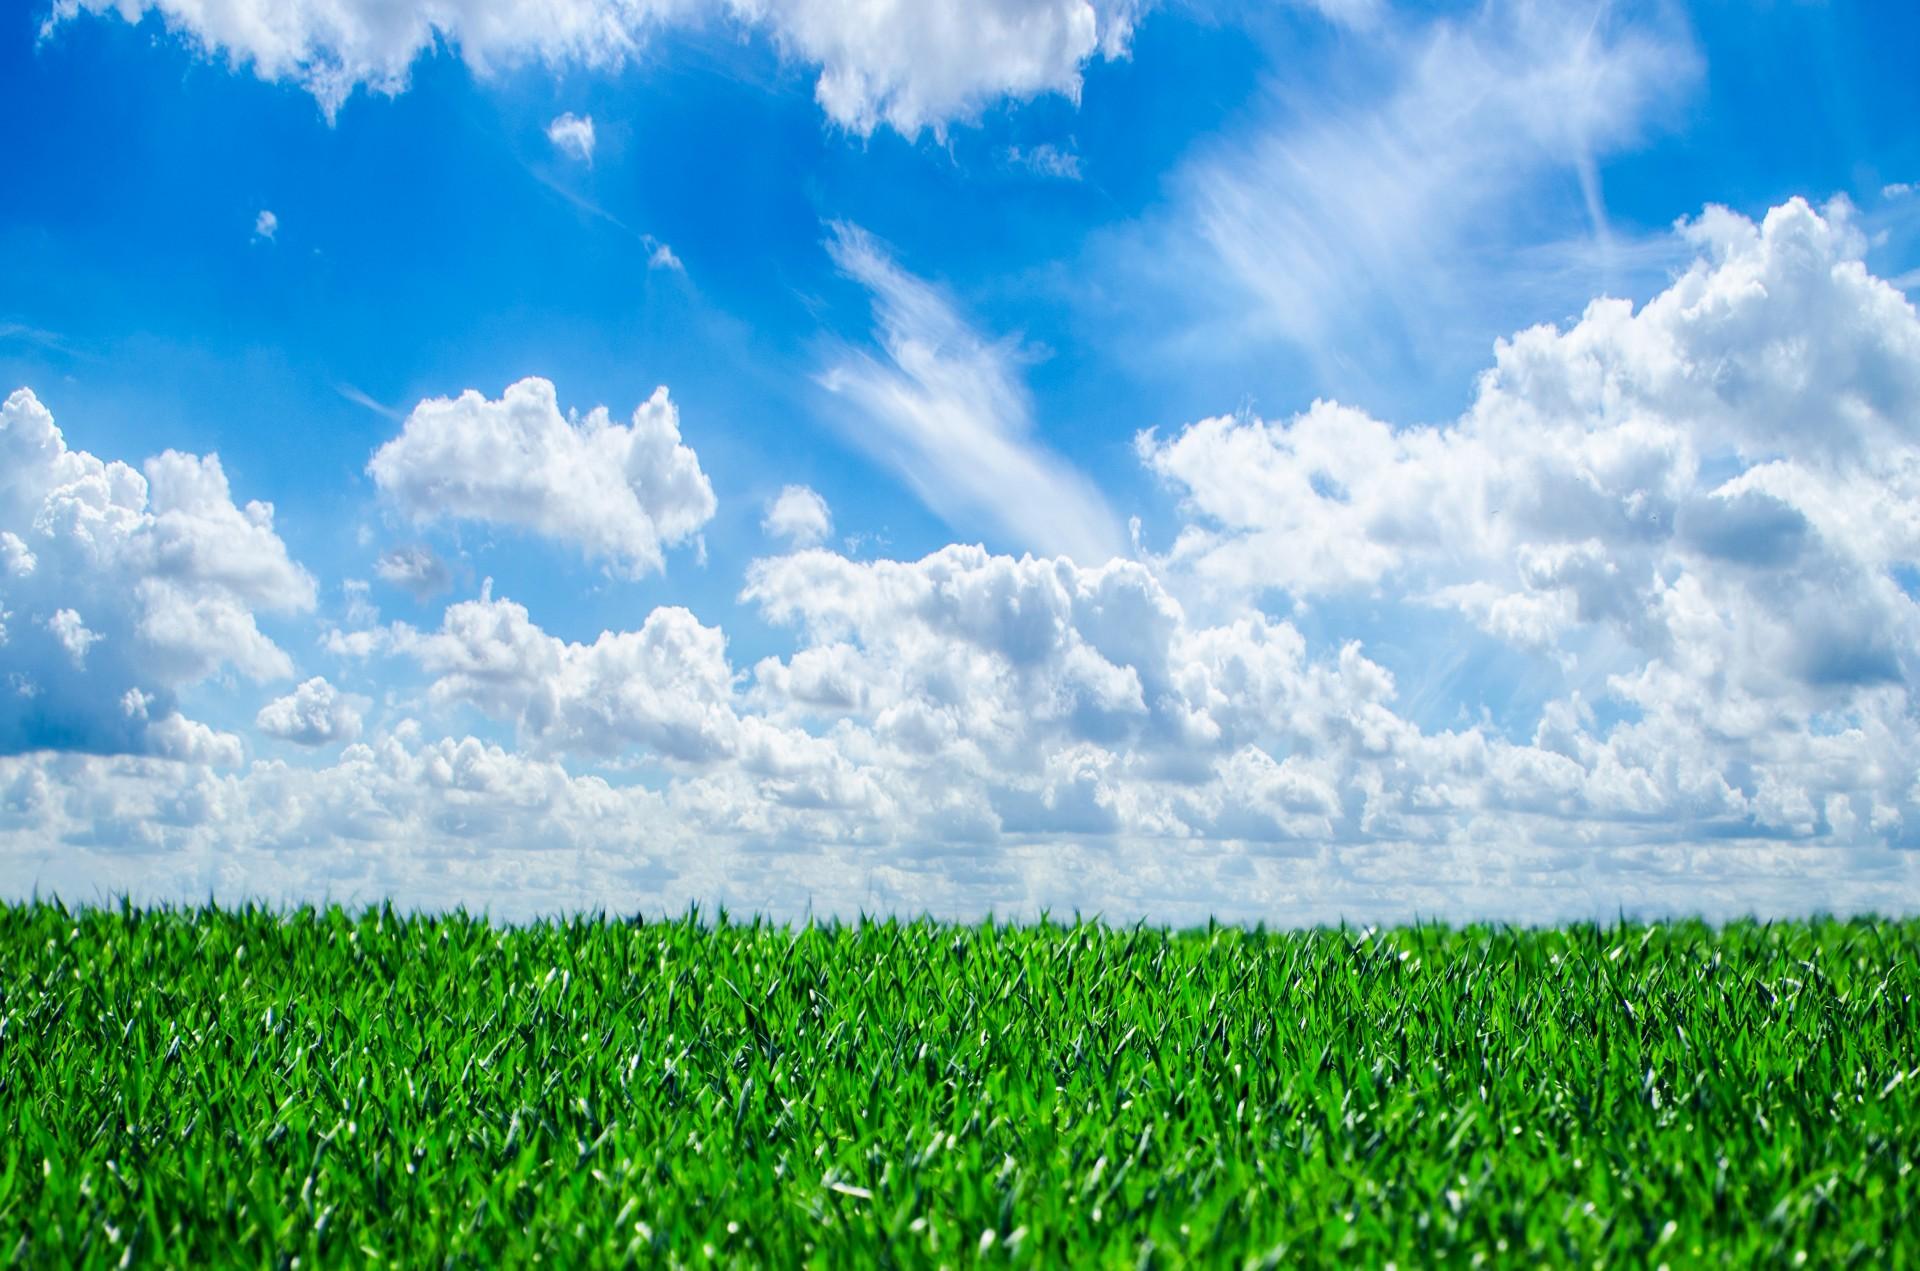 grass-and-sky-1382172028tu4